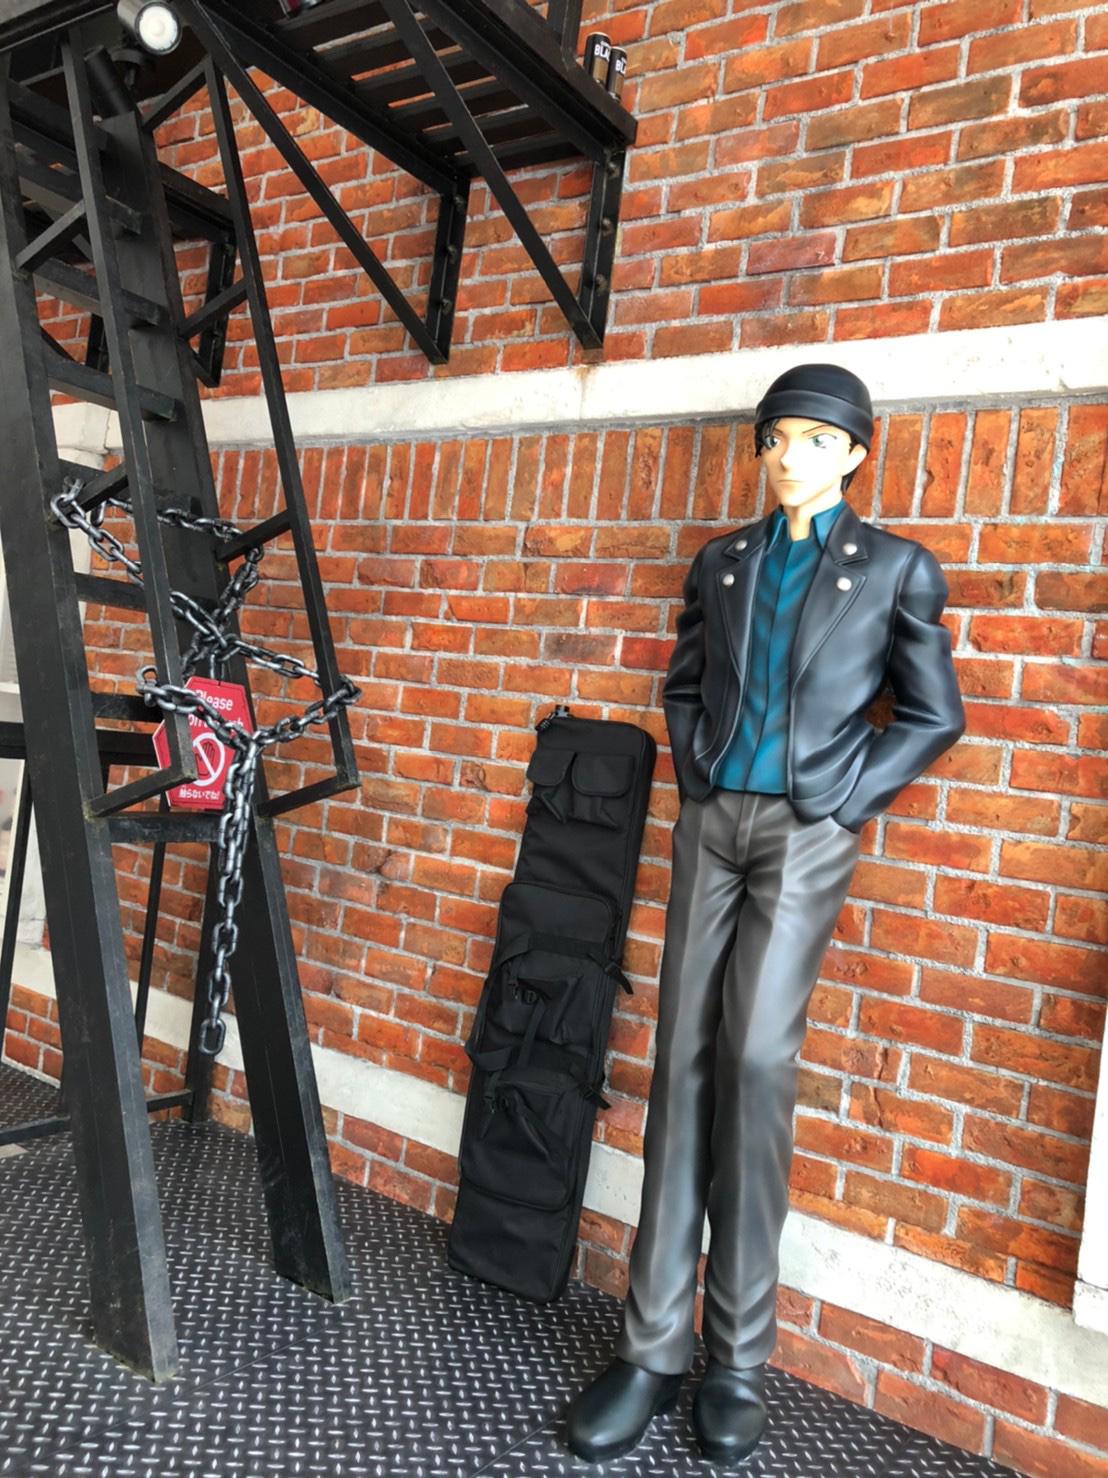 鳥取砂丘コナン空港の赤井秀一カラーオブジェお披露目式に行ってきました!